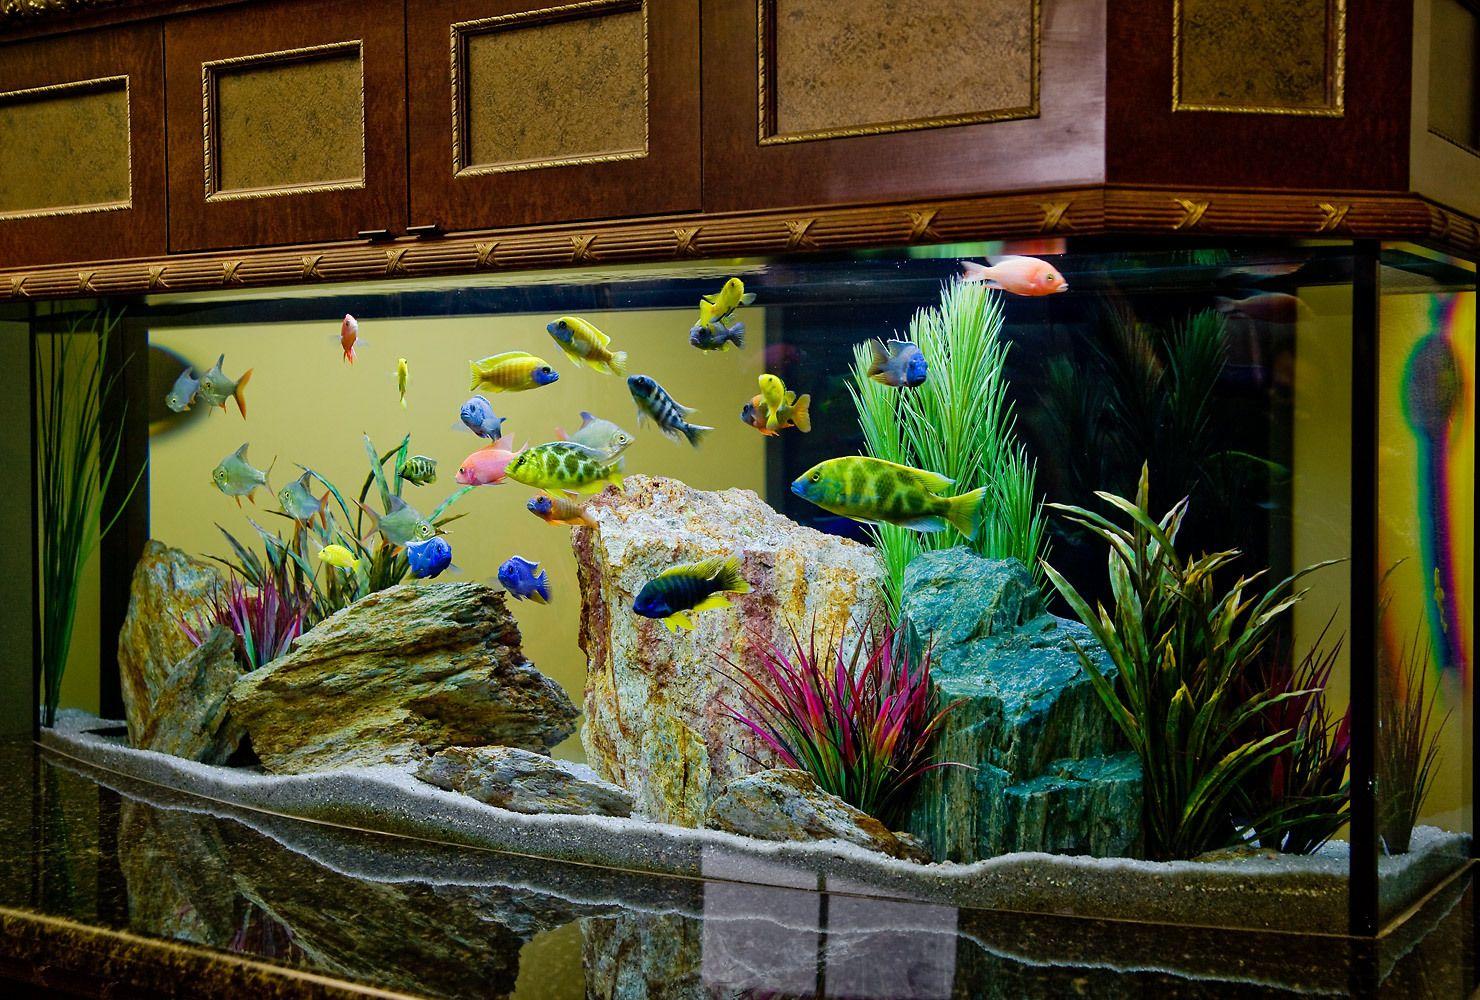 A Vibrant, Colrful Freshwater Aquarium Scene